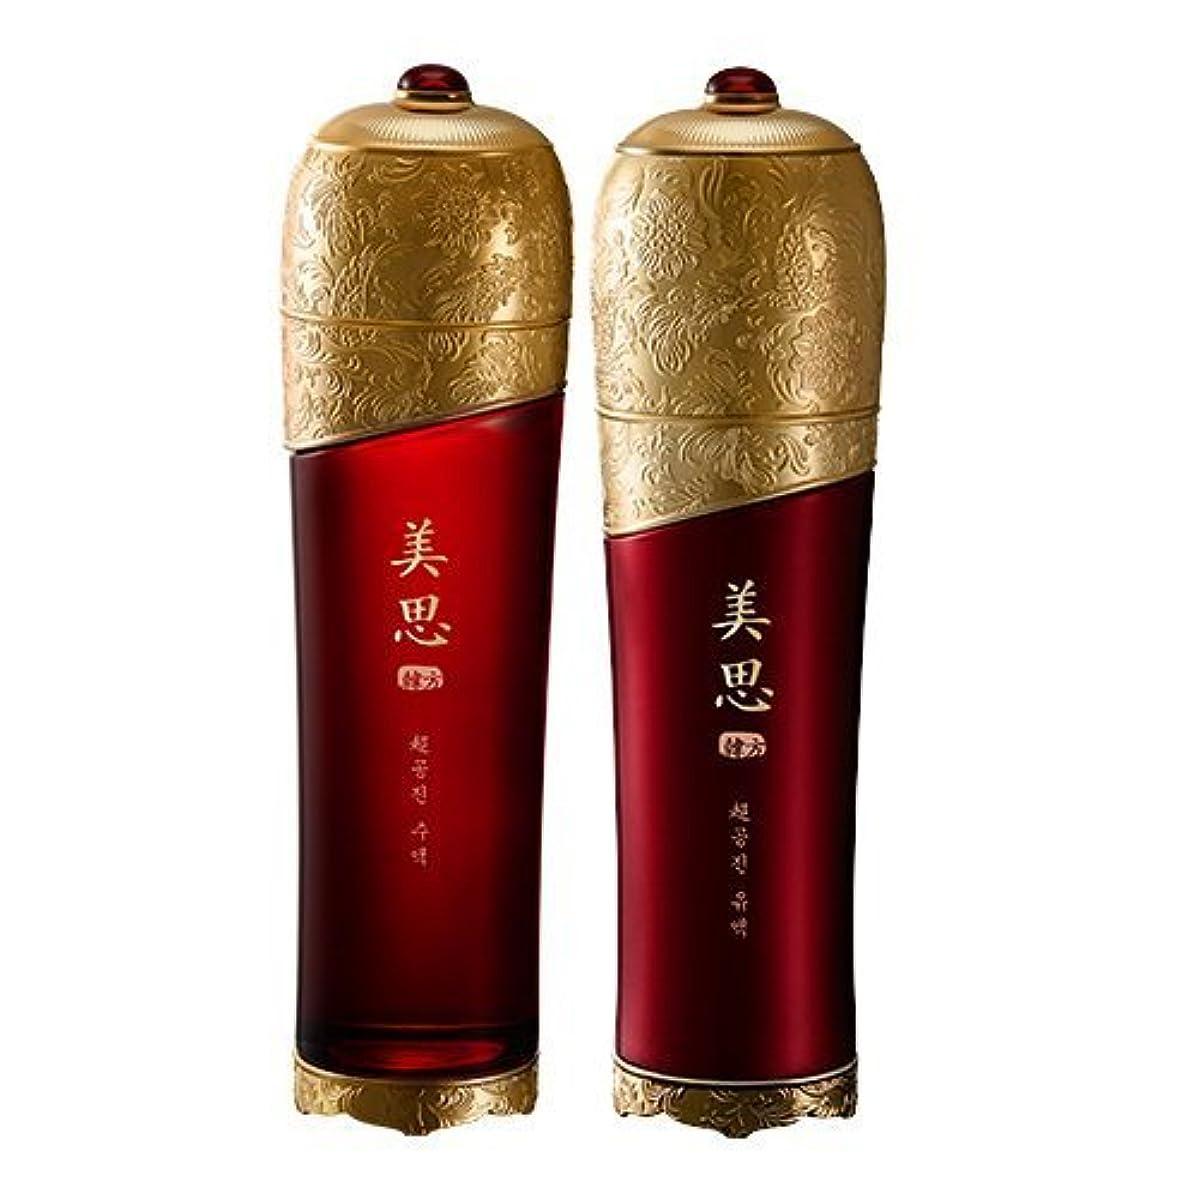 見えるフリルMISSHA(ミシャ) 美思 韓方 チョゴンジン 基礎化粧品 スキンケア 化粧水+乳液=お得2種Set